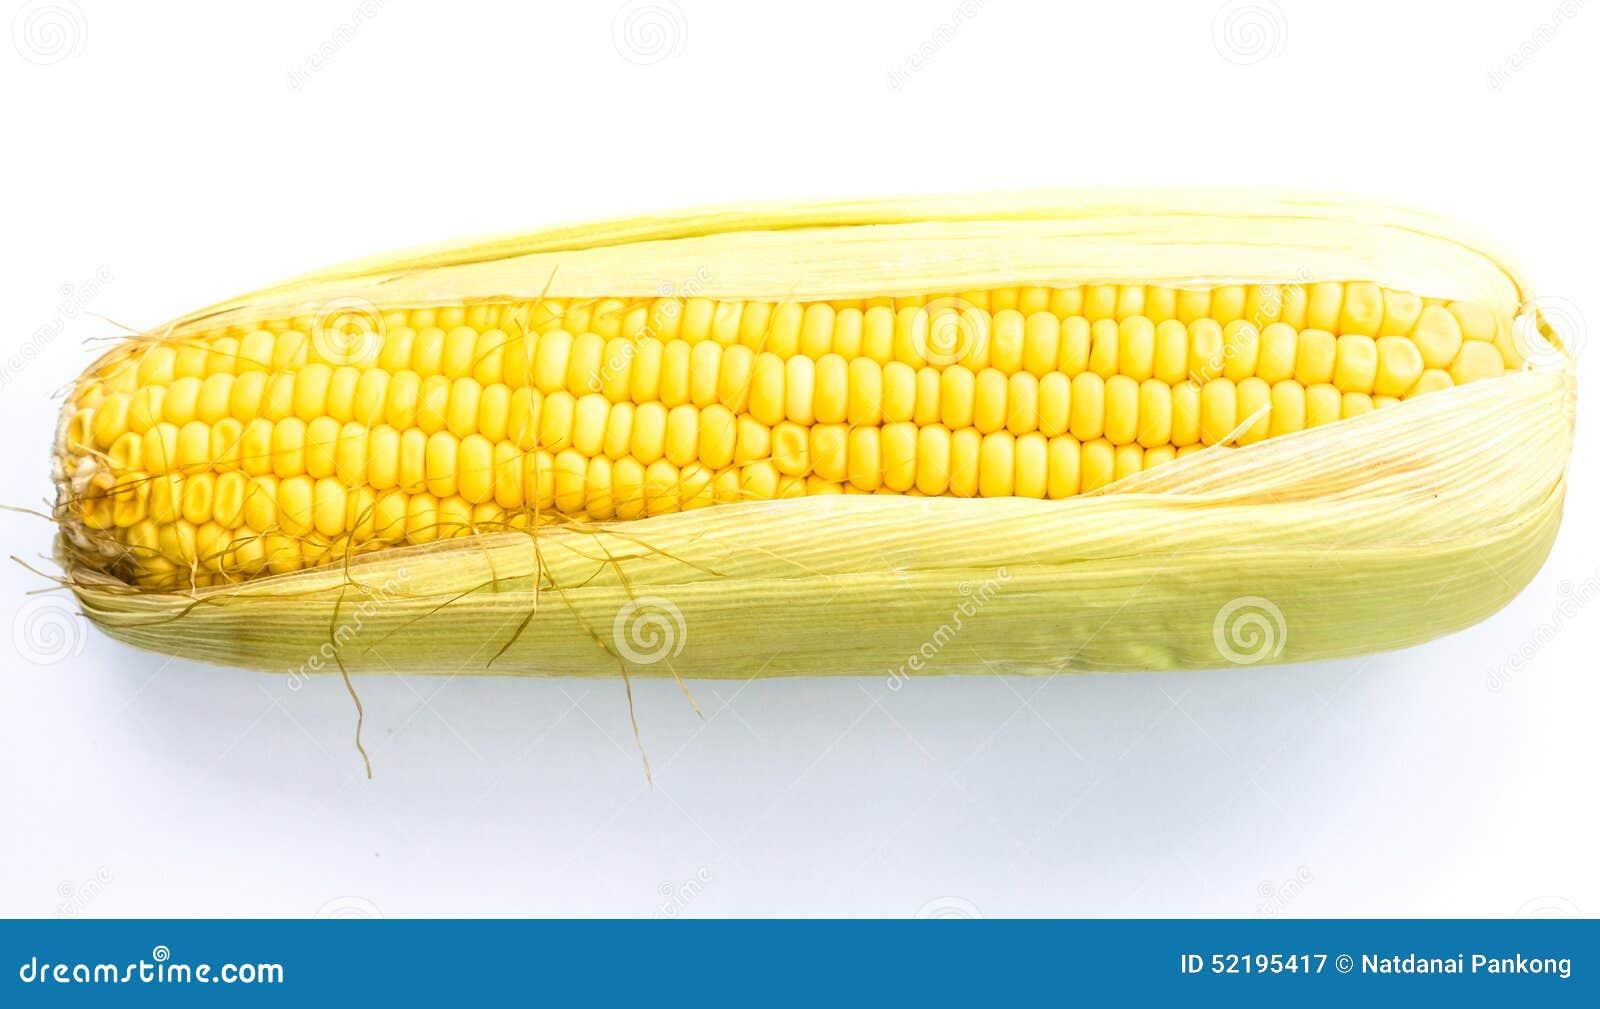 玉米穗在白色背景的.图片